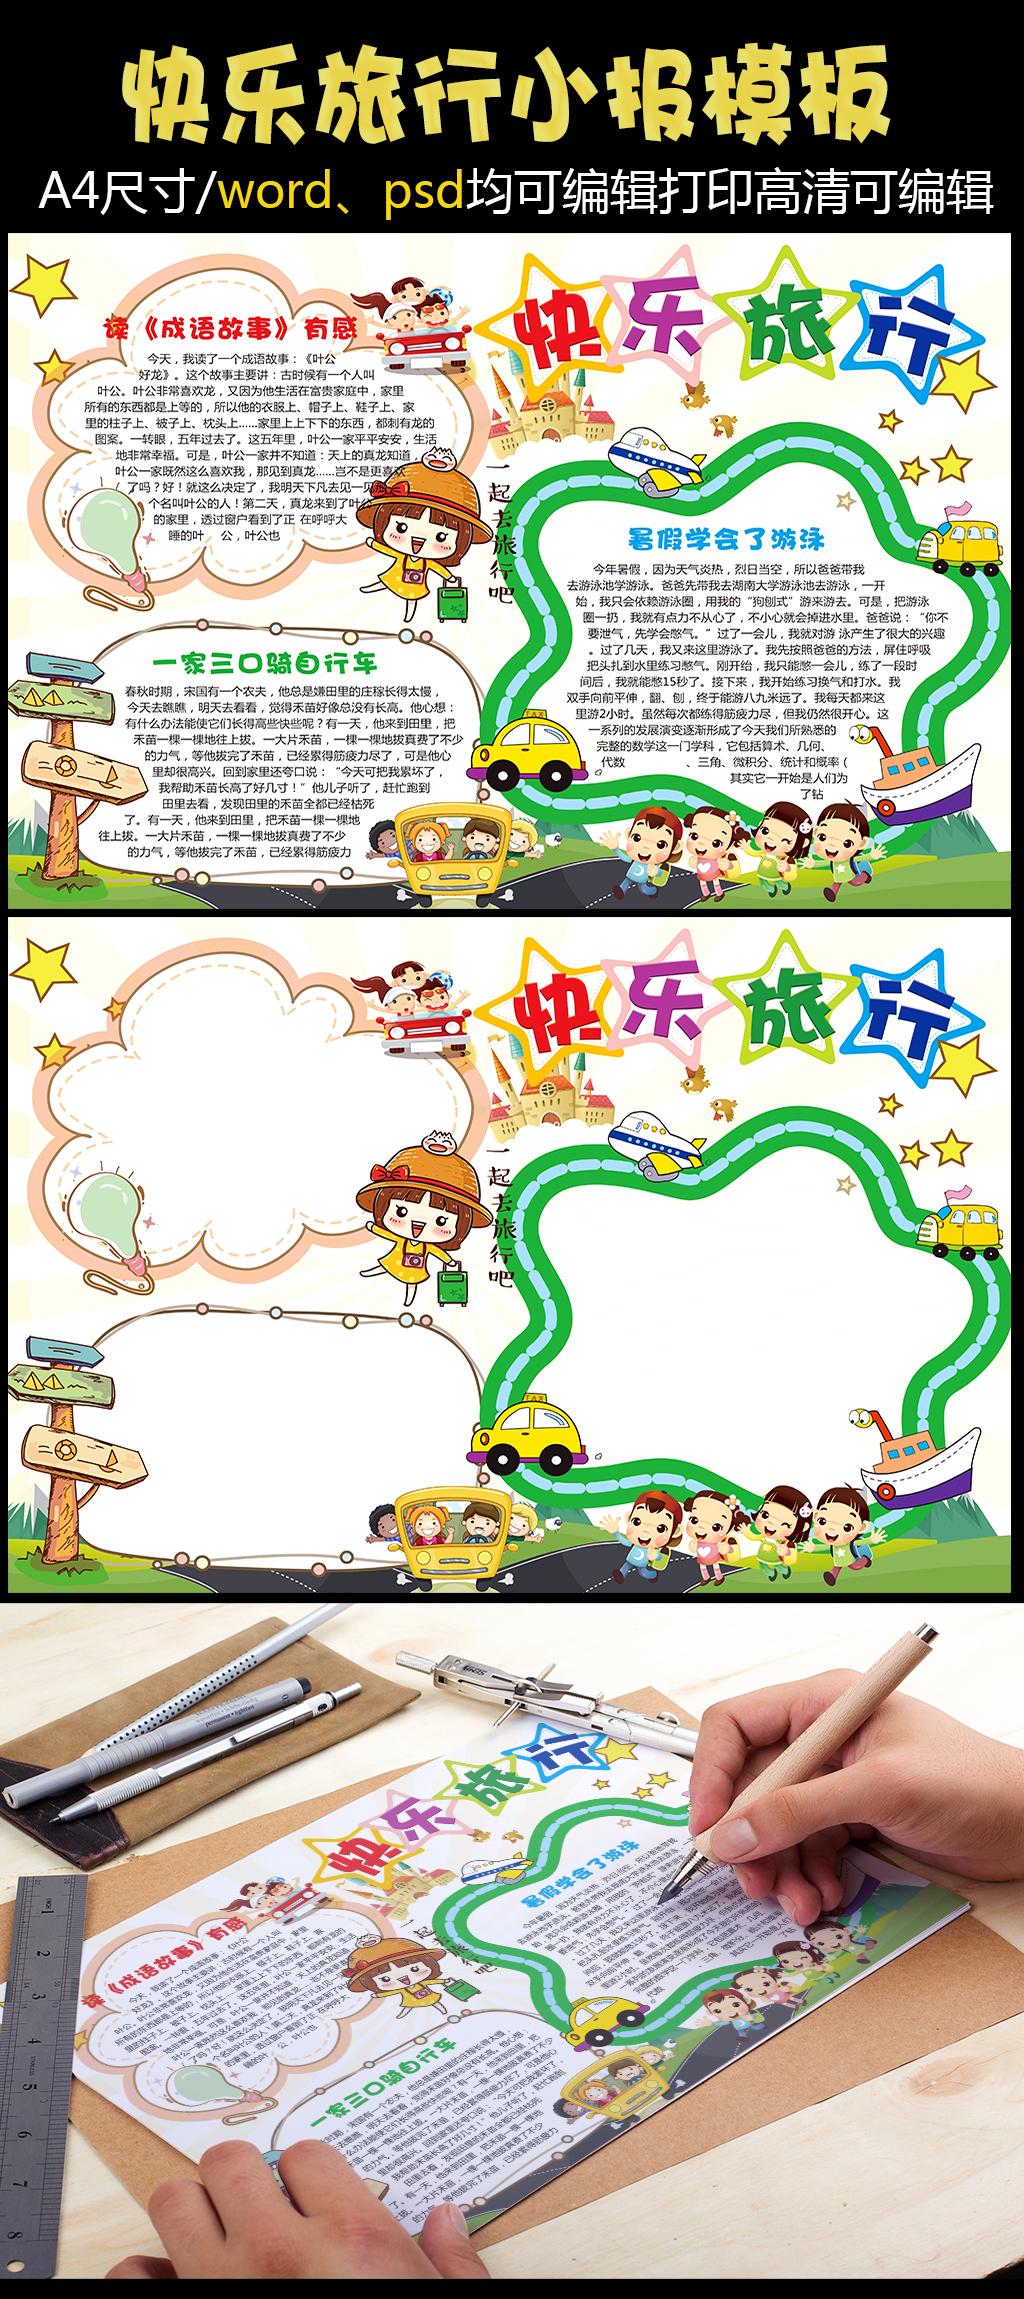 暑假小学生快乐旅行小报手抄报模板